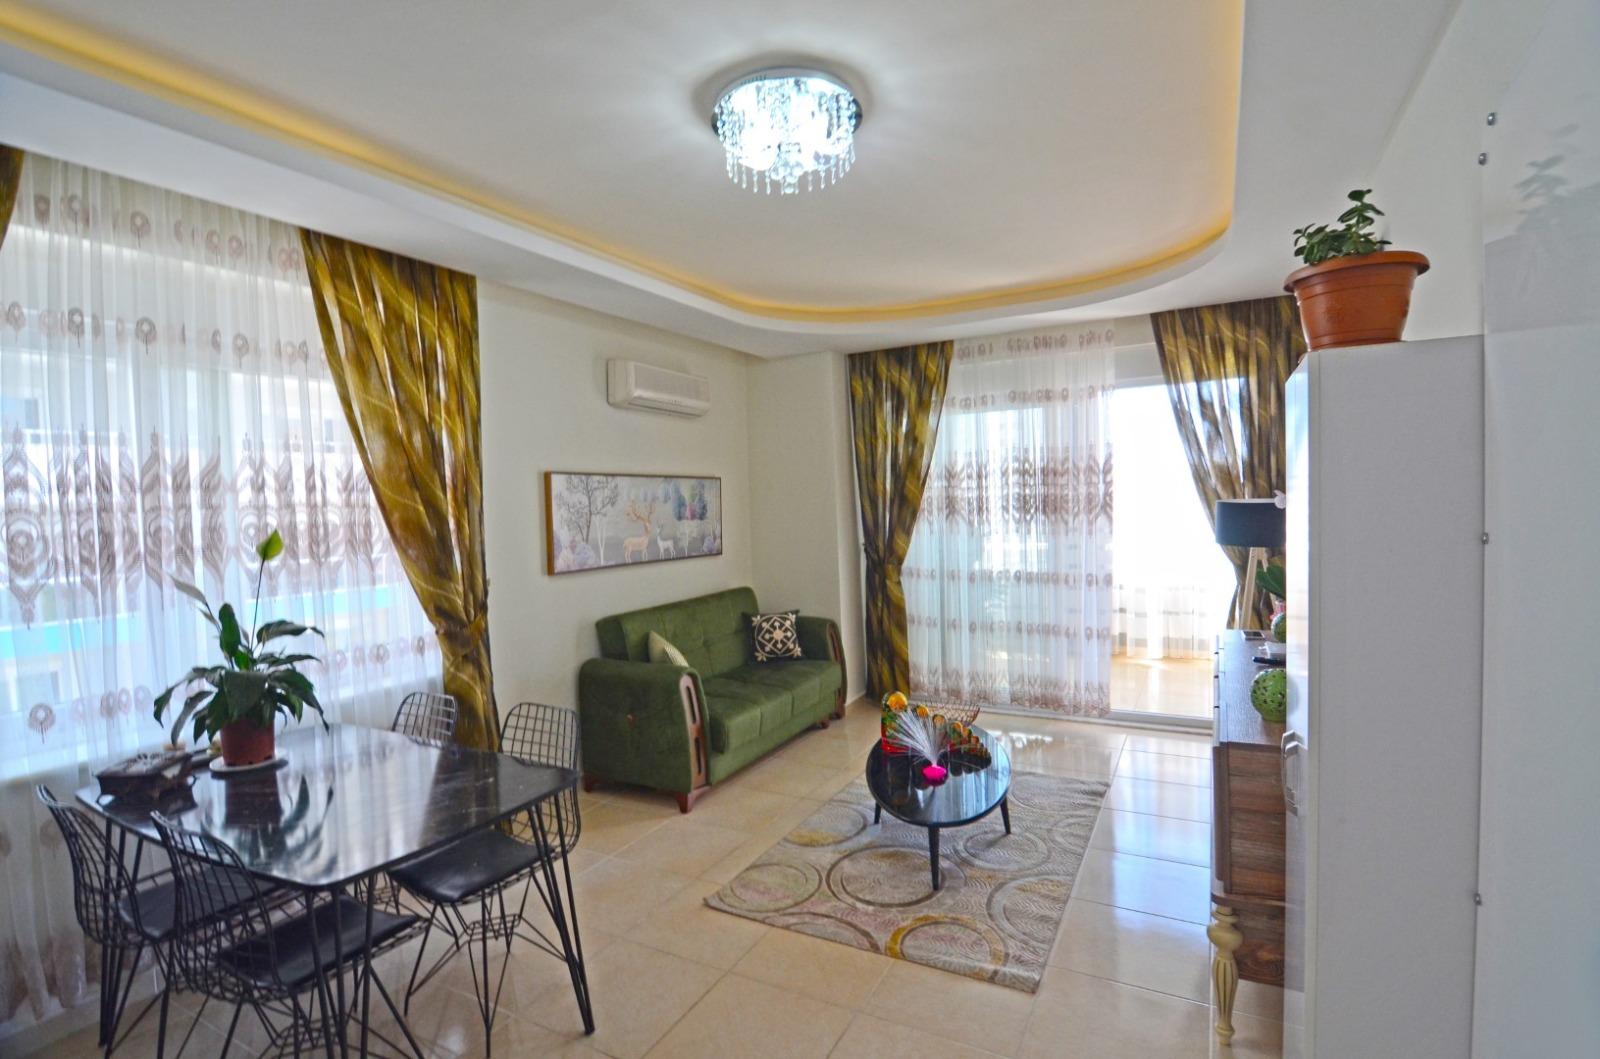 Меблированные апартаменты 1+1 в  Махмутлара - Фото 19